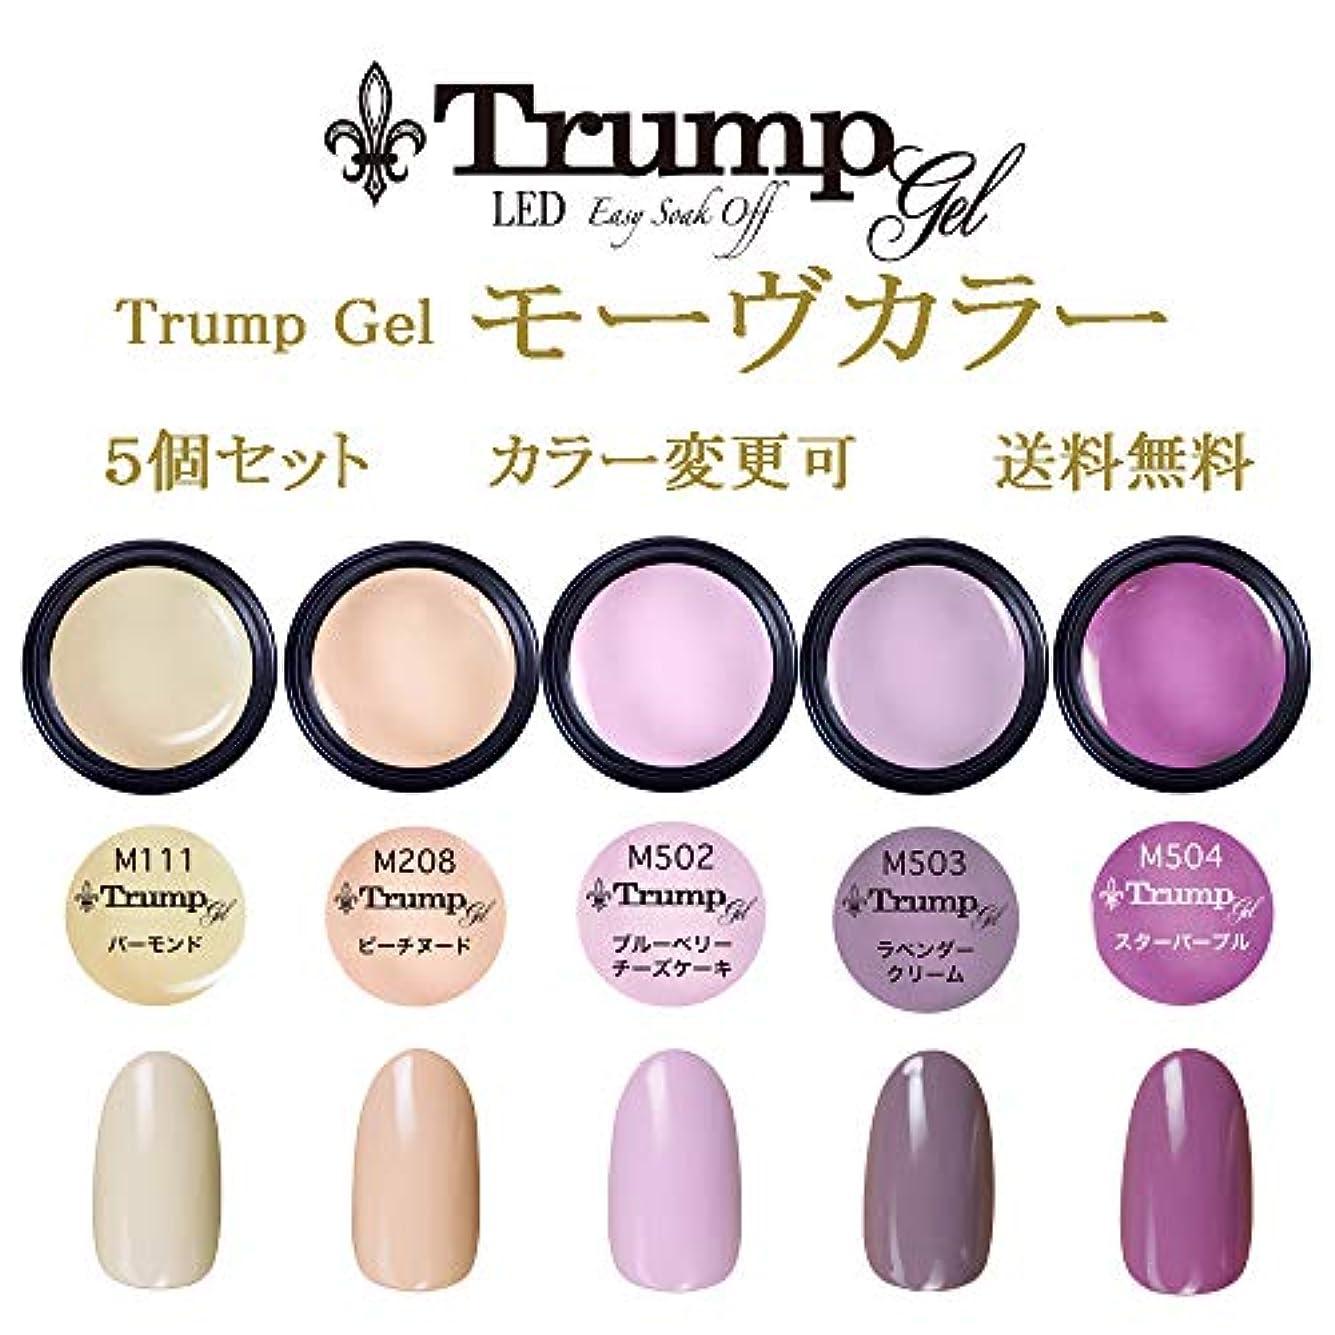 ロイヤリティ副詞ベーコン【送料無料】Trumpモーヴカラー選べるカラージェル5個セット